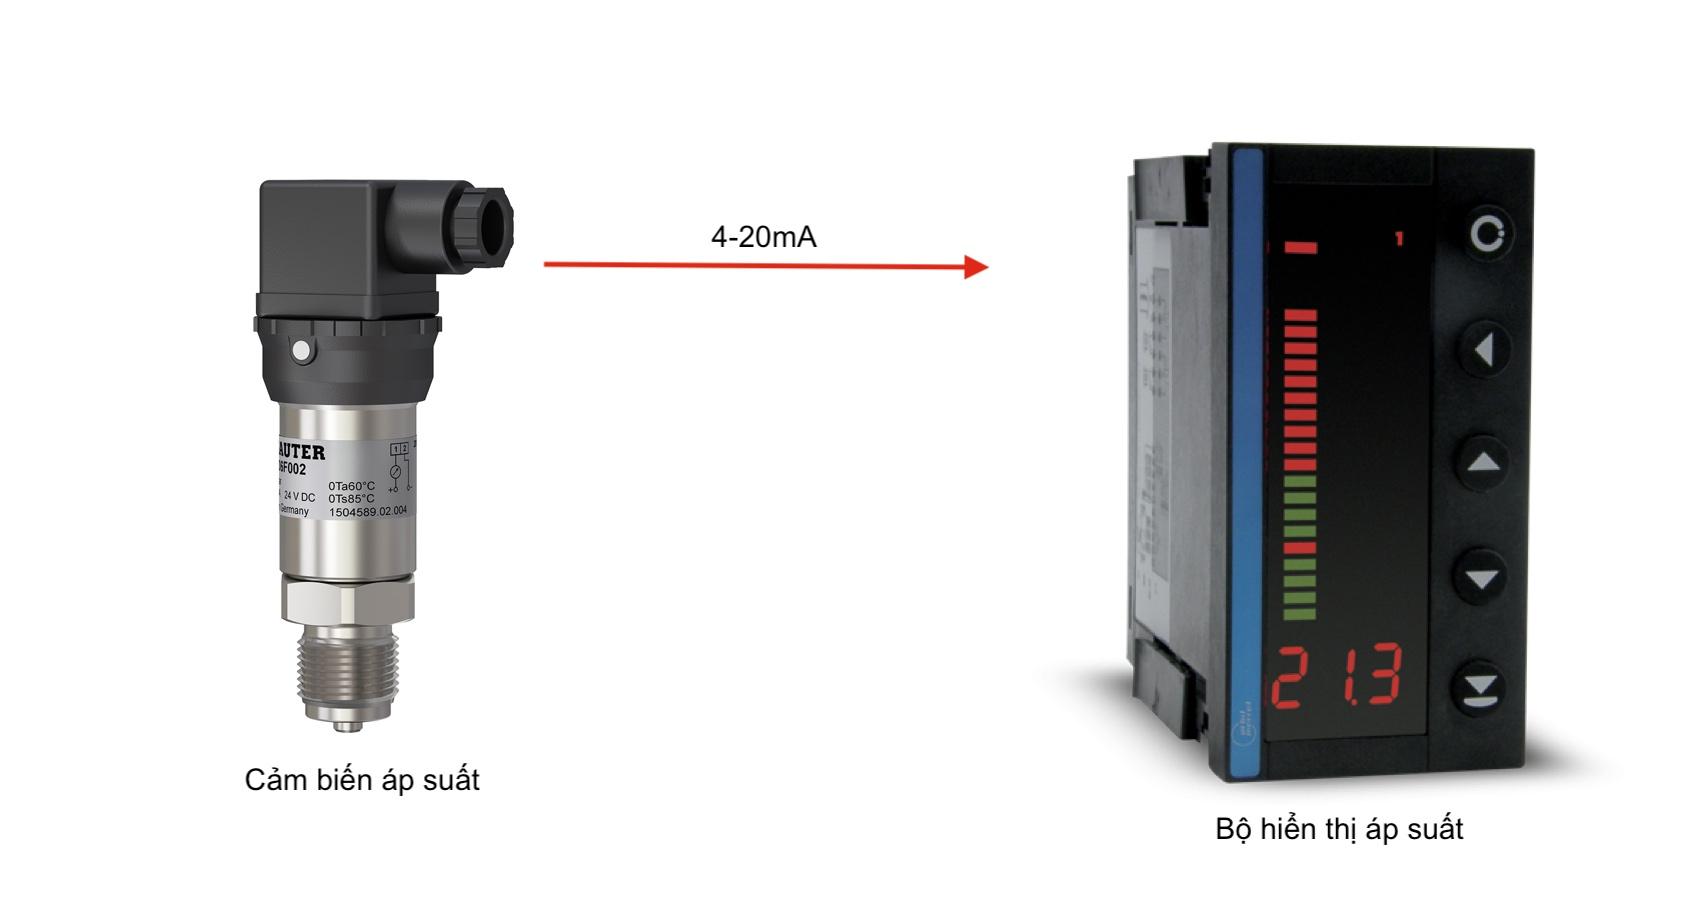 Bộ hiển thị điều khiển nhiệt độ áp suất - dạng Led đứng